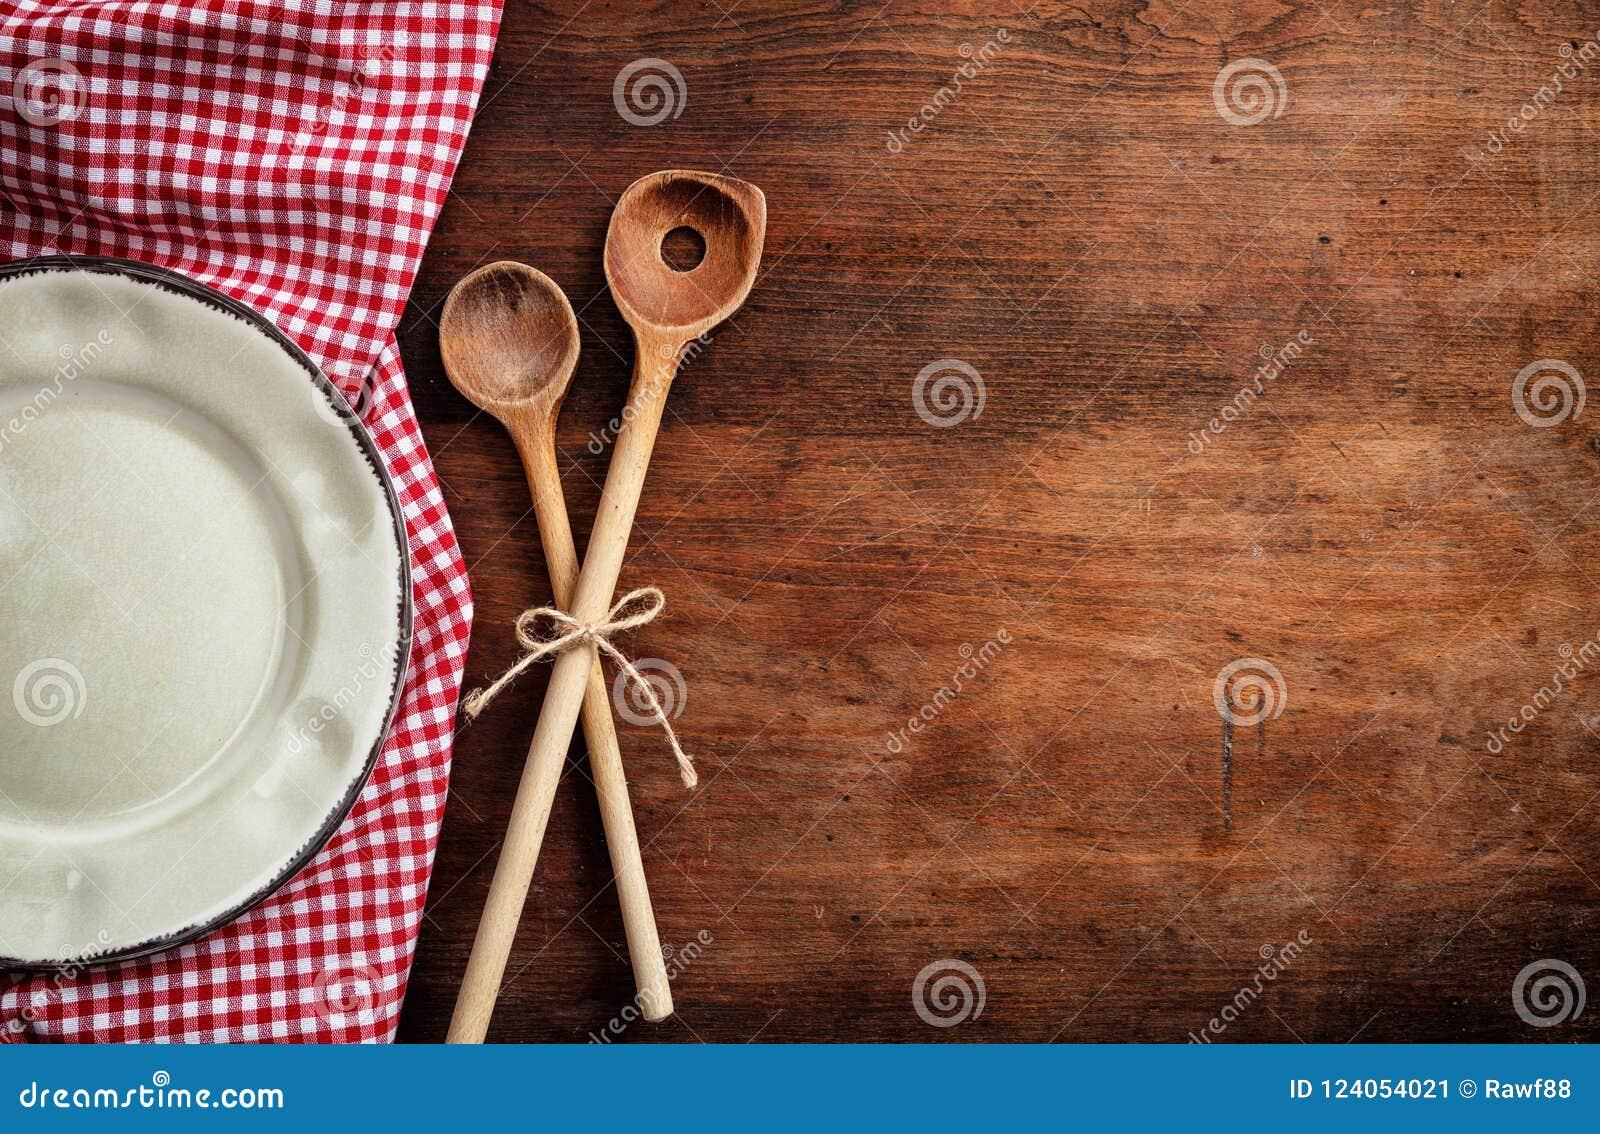 Tom platta, köksgeråd och röd bordduk på trätabellen, bästa sikt, kopieringsutrymme